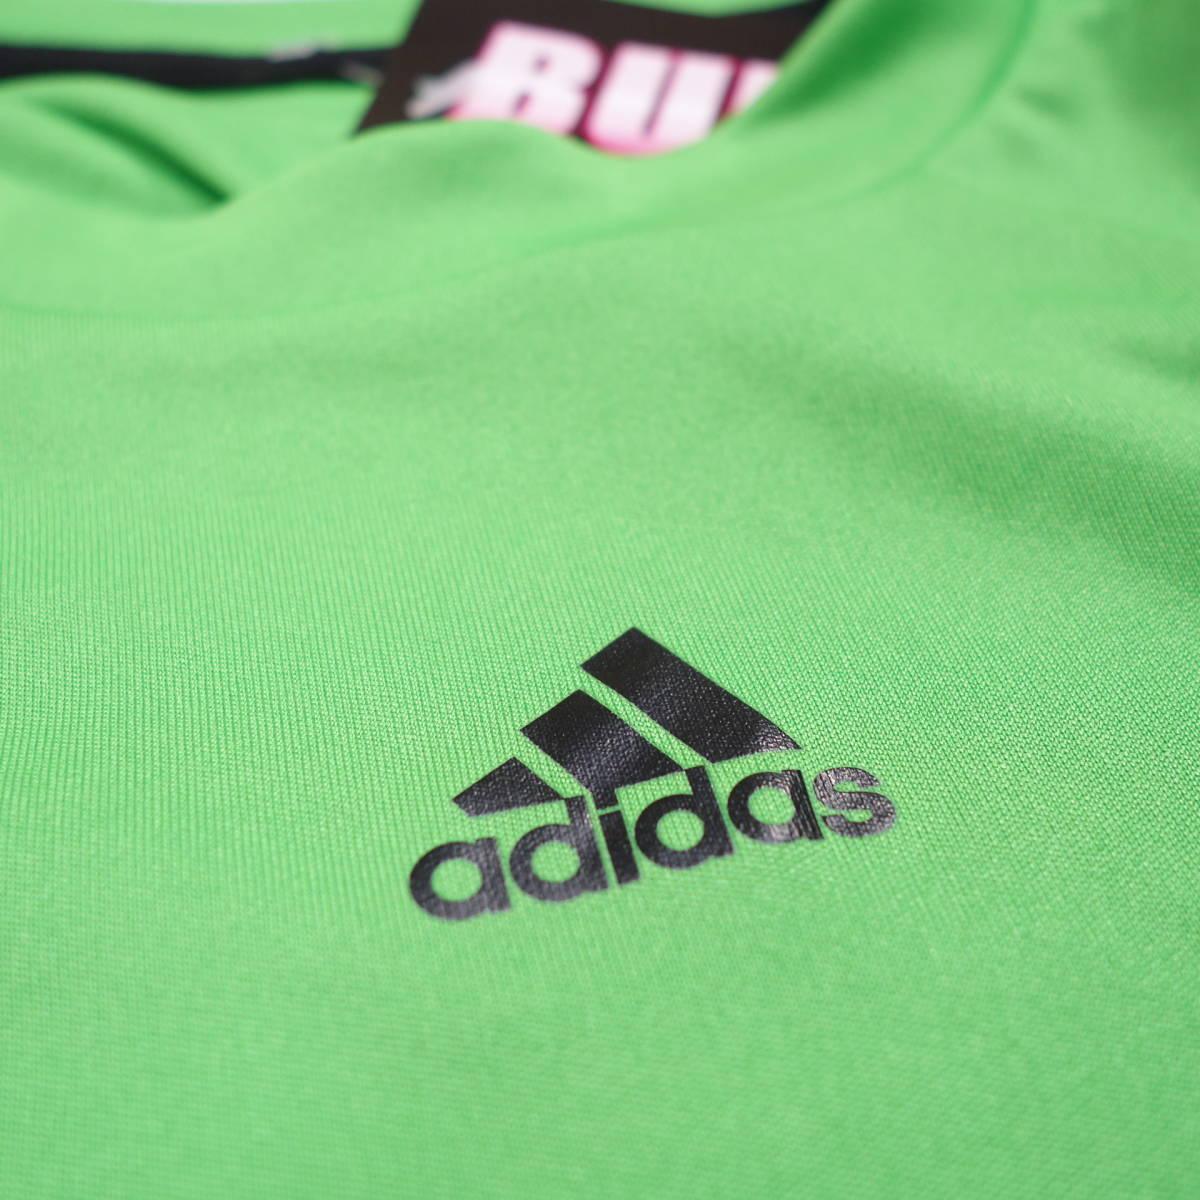 アディダス adidas Tシャツ 半袖 メンズ M クルーネック ワンポイントロゴ 三本ライン スポーツ カジュアル USA直輸入 古着 MAD-1-1-0037_画像6